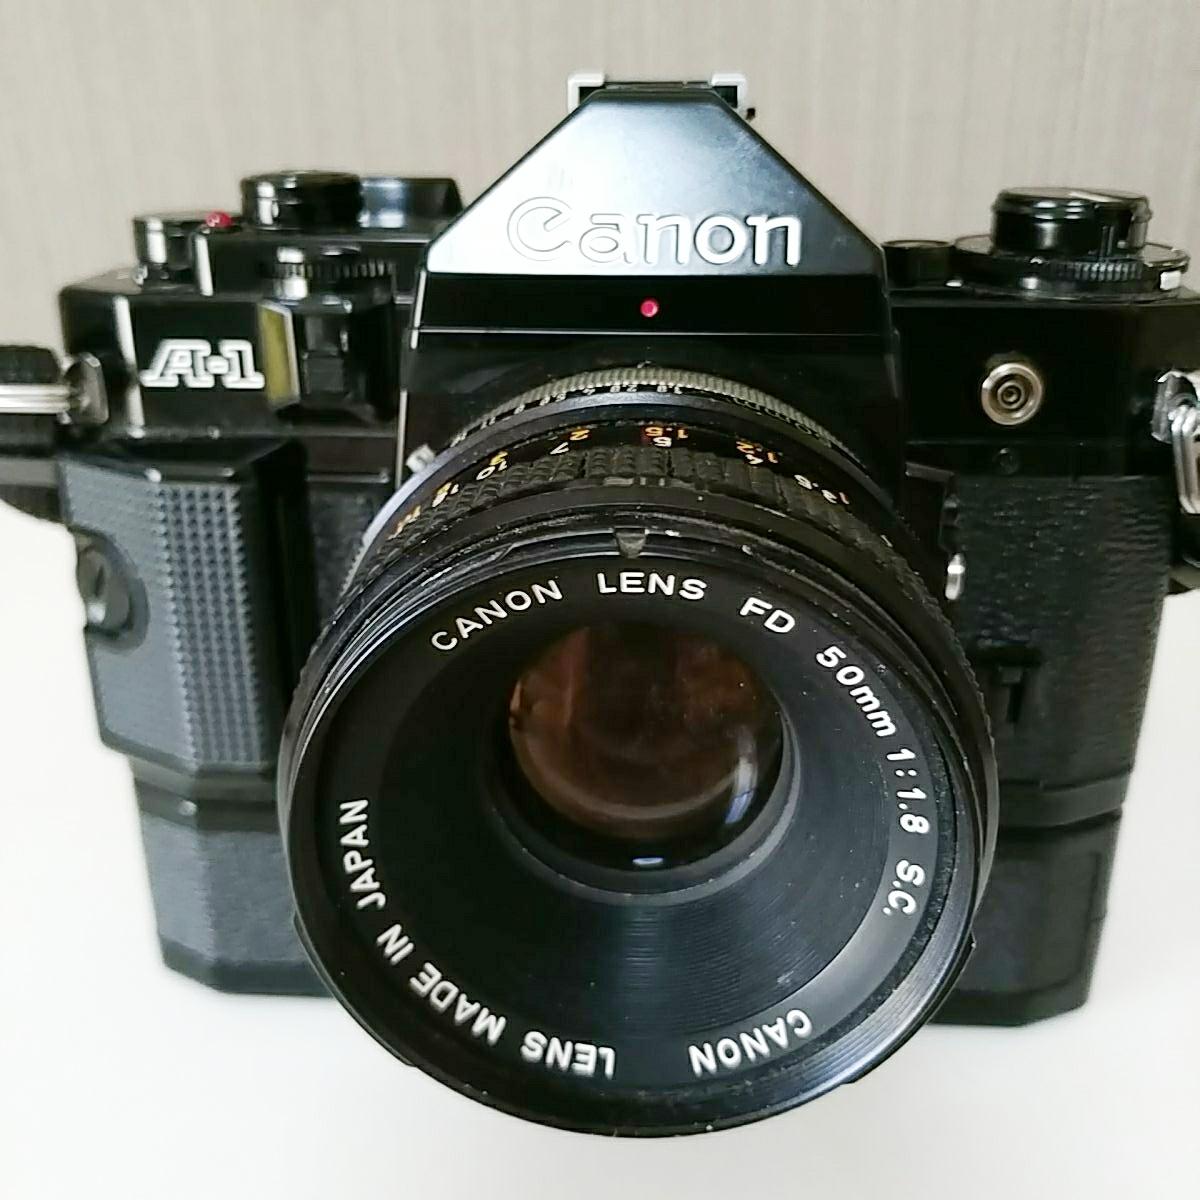 Canon A-1 パワーワインダー A 50㎜ 1:1.8 名機 一眼レフ/フィルムカメラ 使用説明書つき キャノン ブラック レンズセット 昭和レトロ_画像2